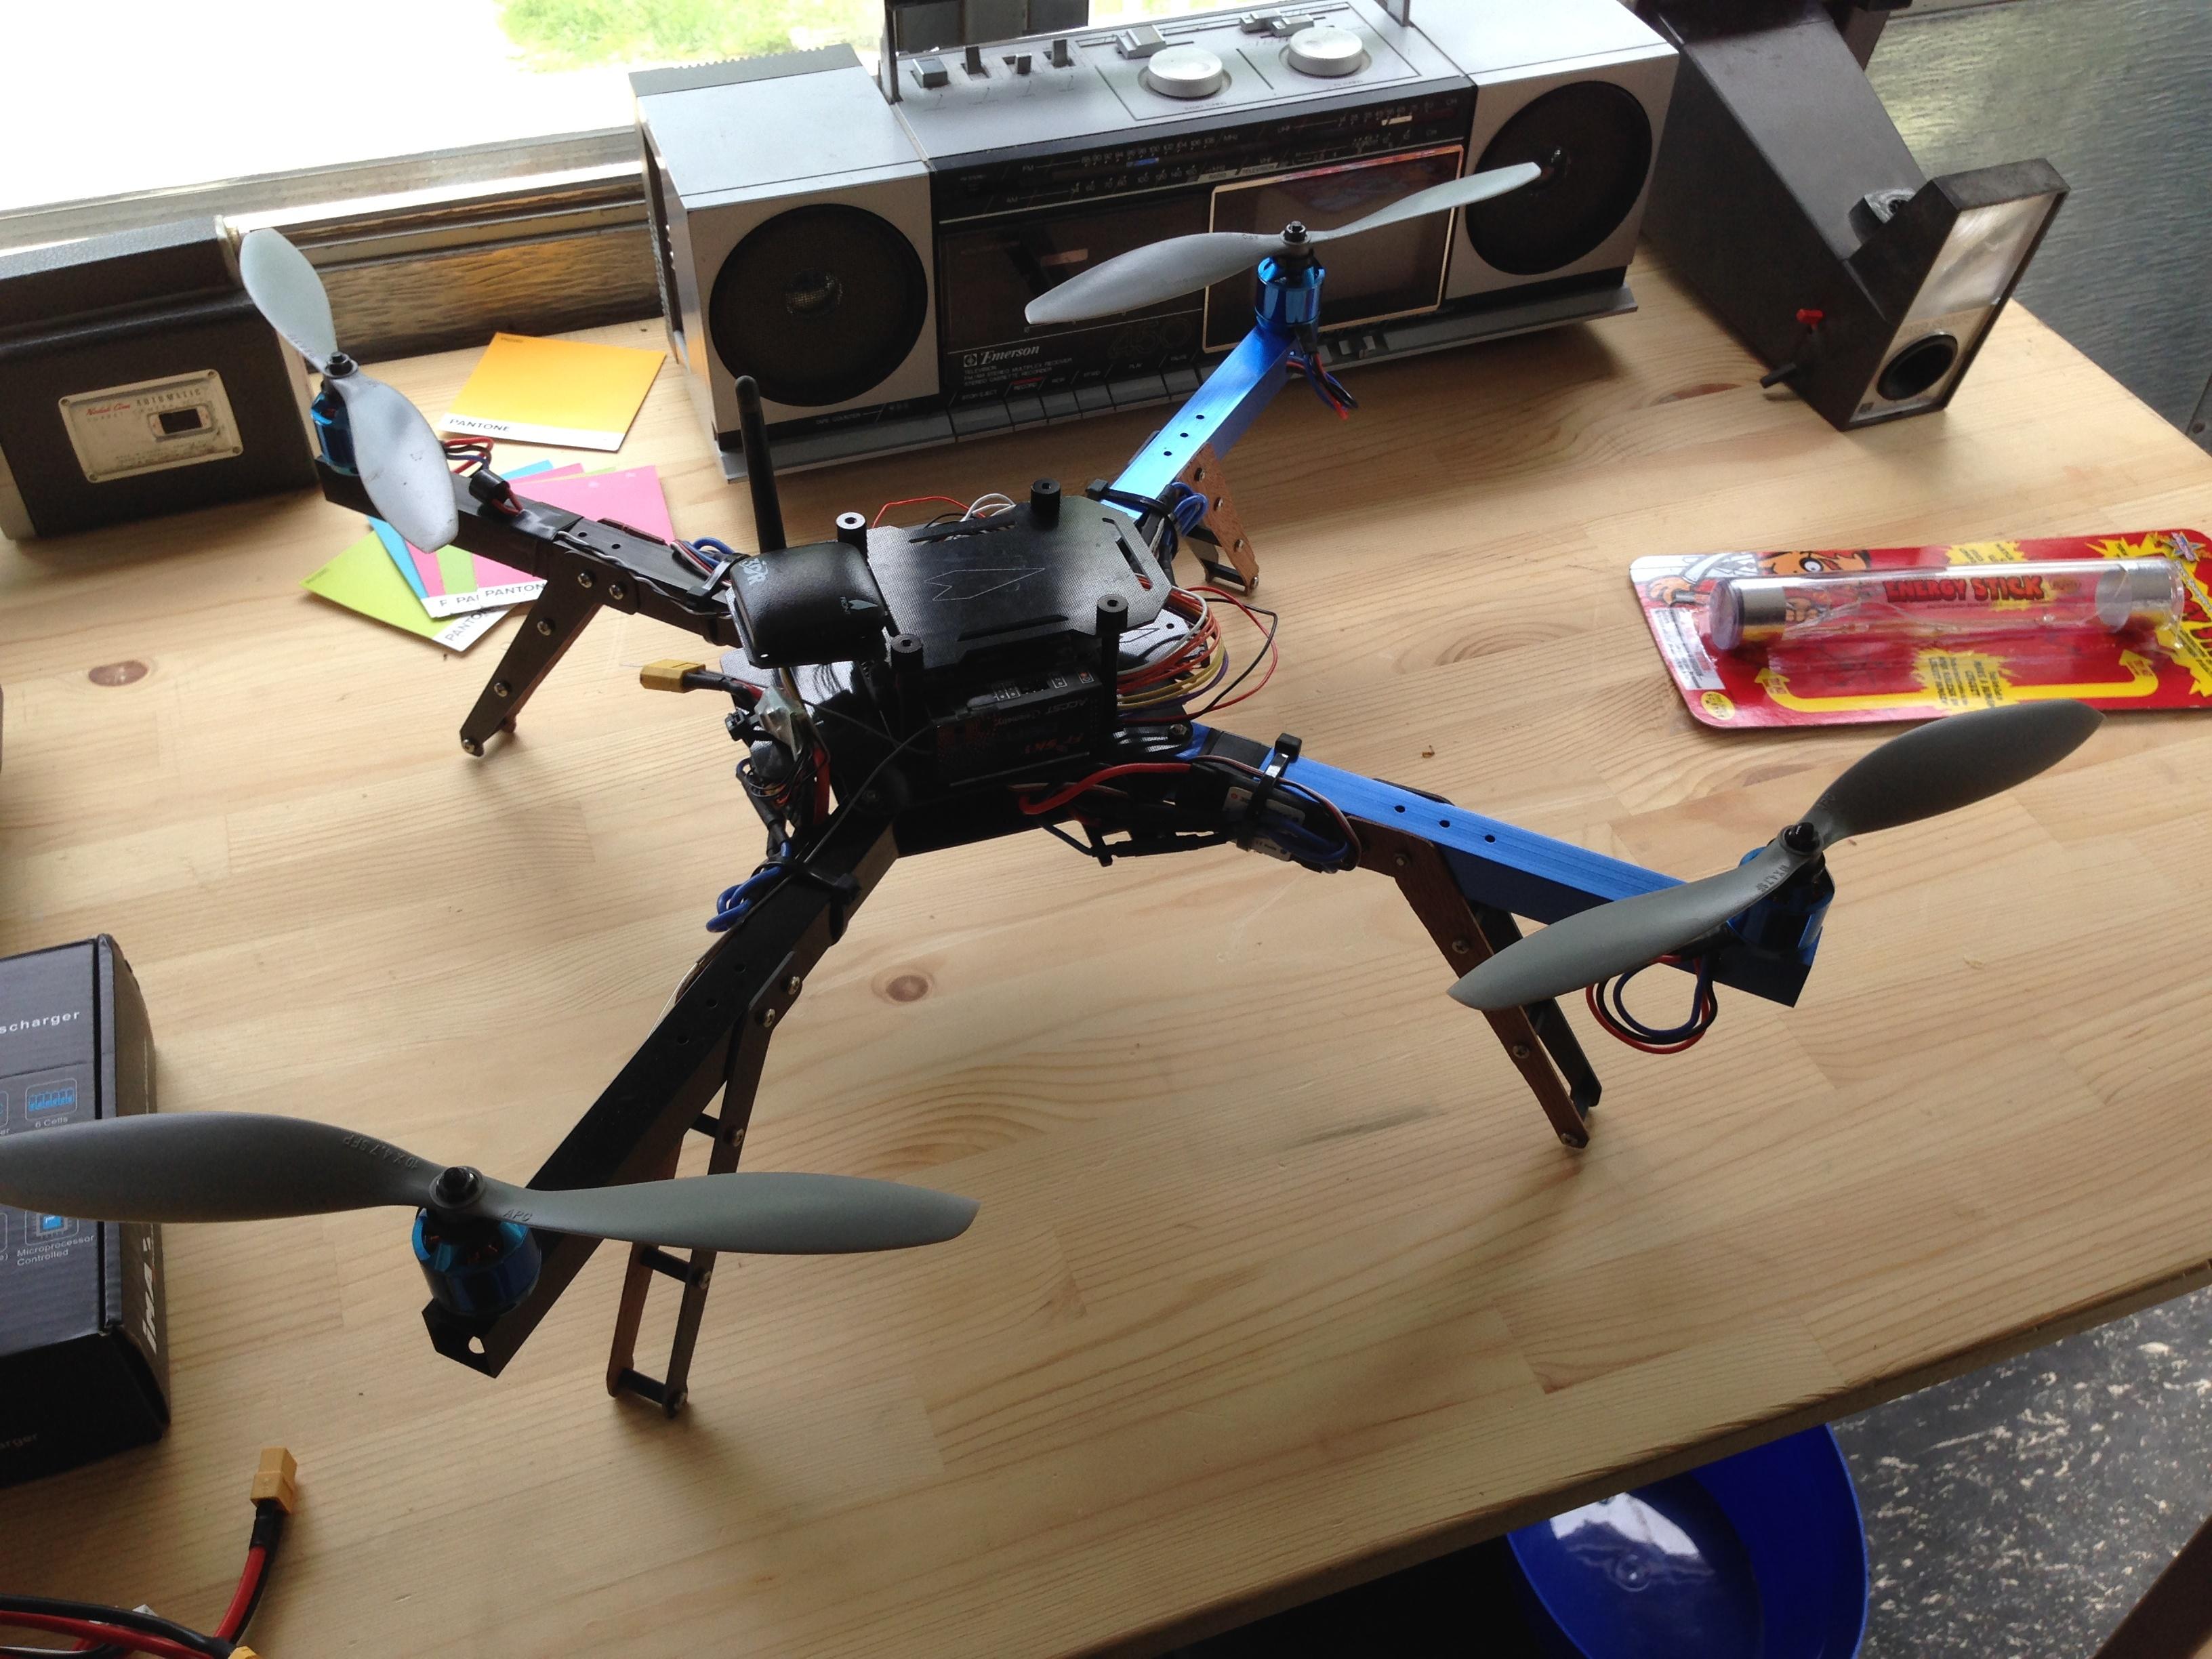 Gambar Pesawat Terbang Mesin Mainan Seni Robot 3264x2448